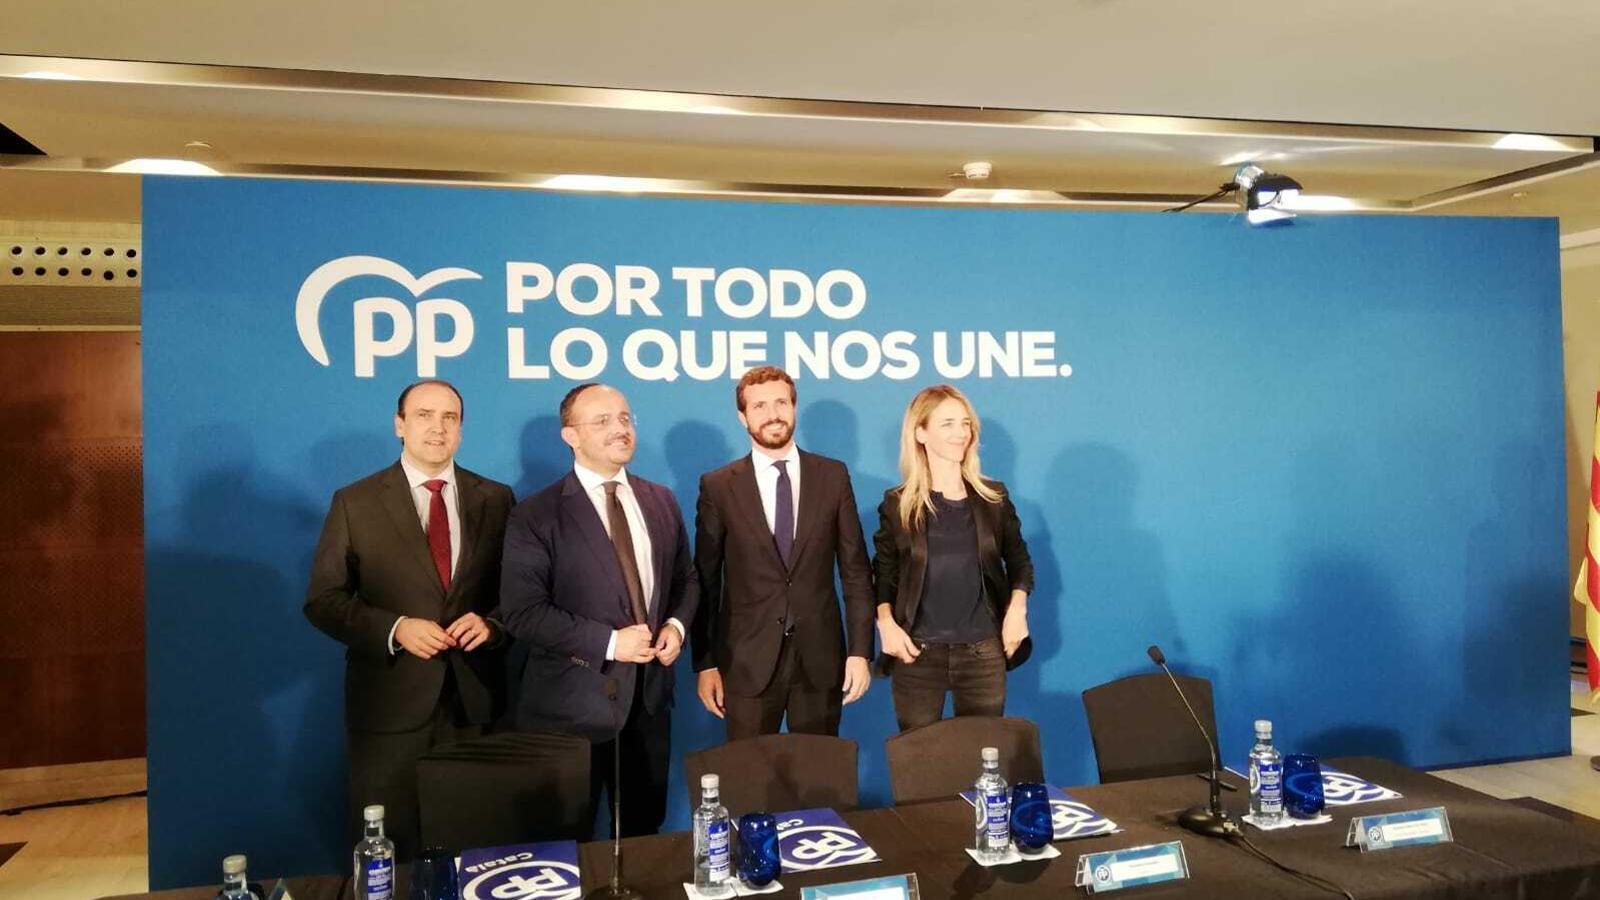 La cúpula del PP català amb el líder del partit, Pablo Casado, aquesta tarda